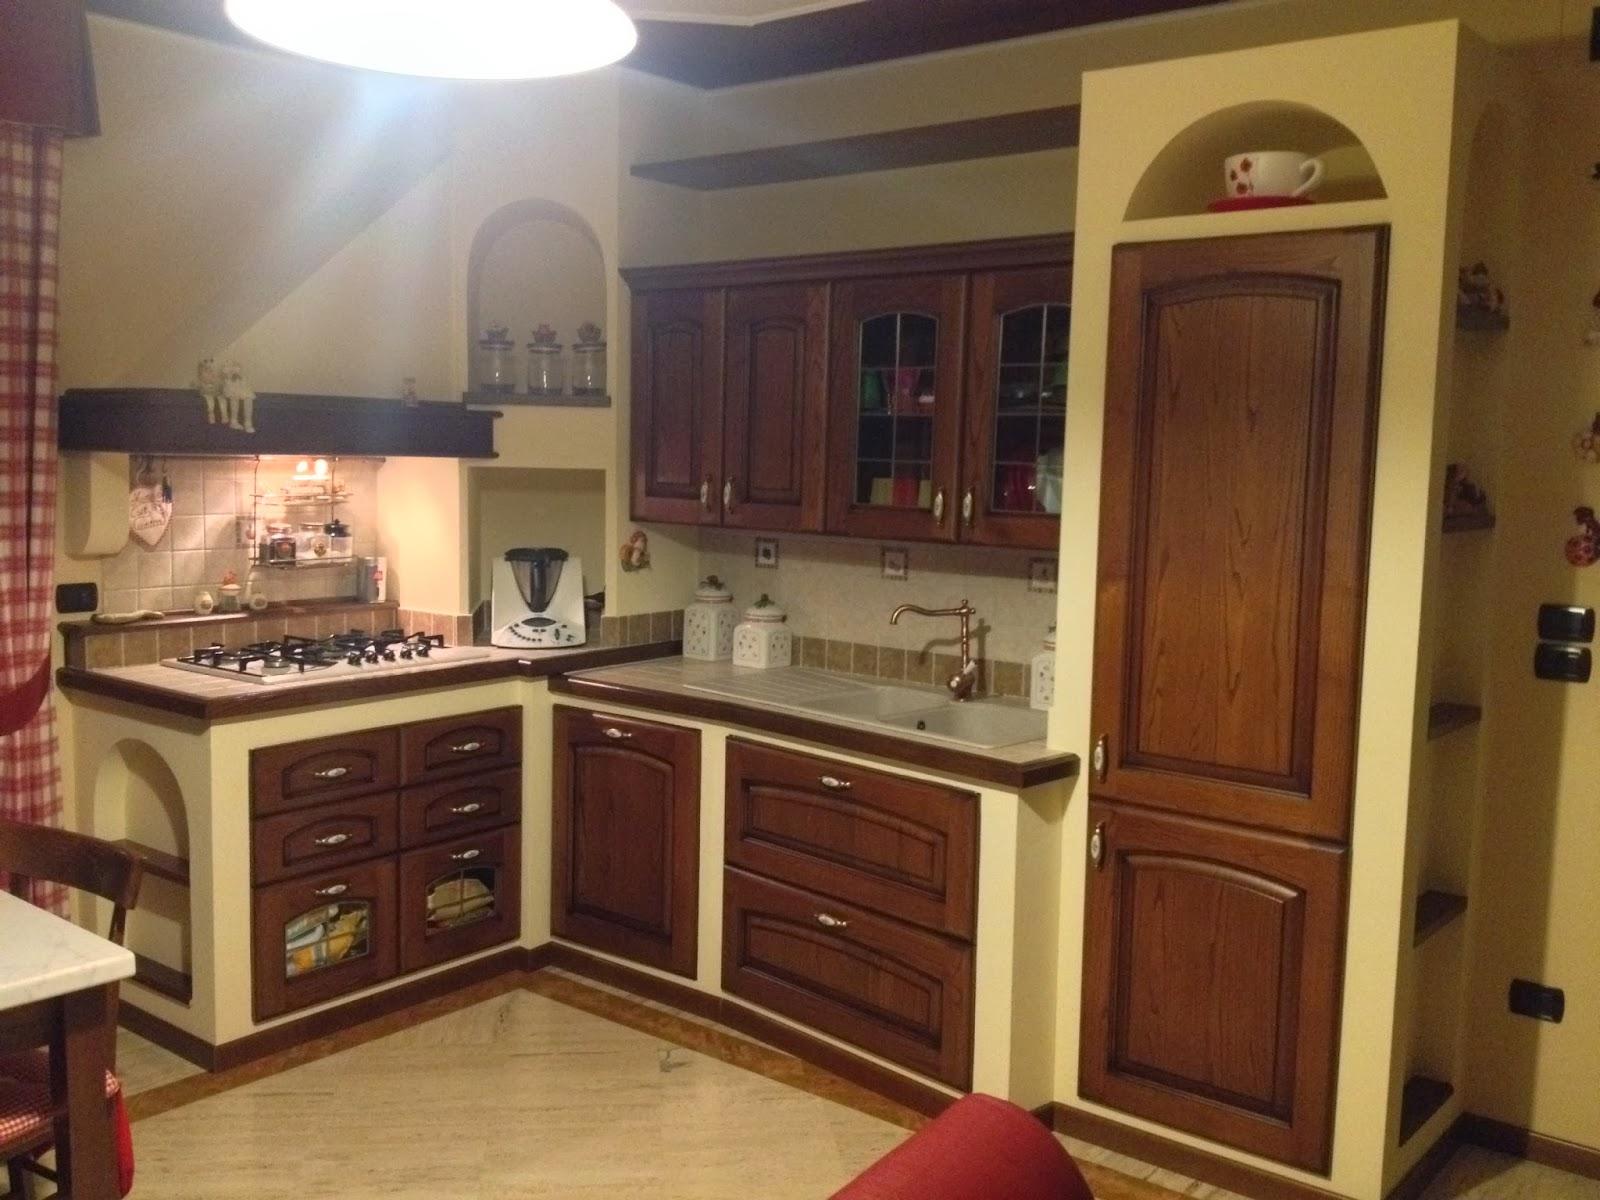 Esempi di cucine in muratura elegant esempio di cucina rustica with esempi di cucine in - Modelli di cucina in muratura ...